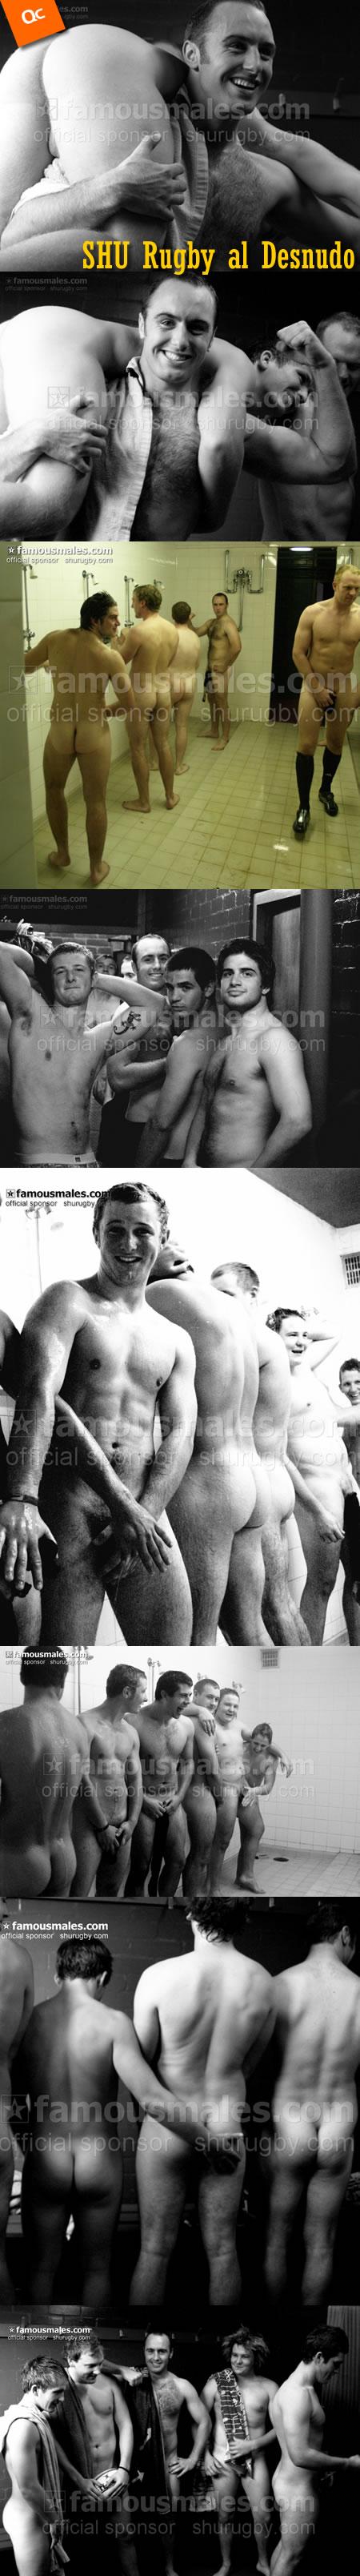 SHU Rugby al Desnudo